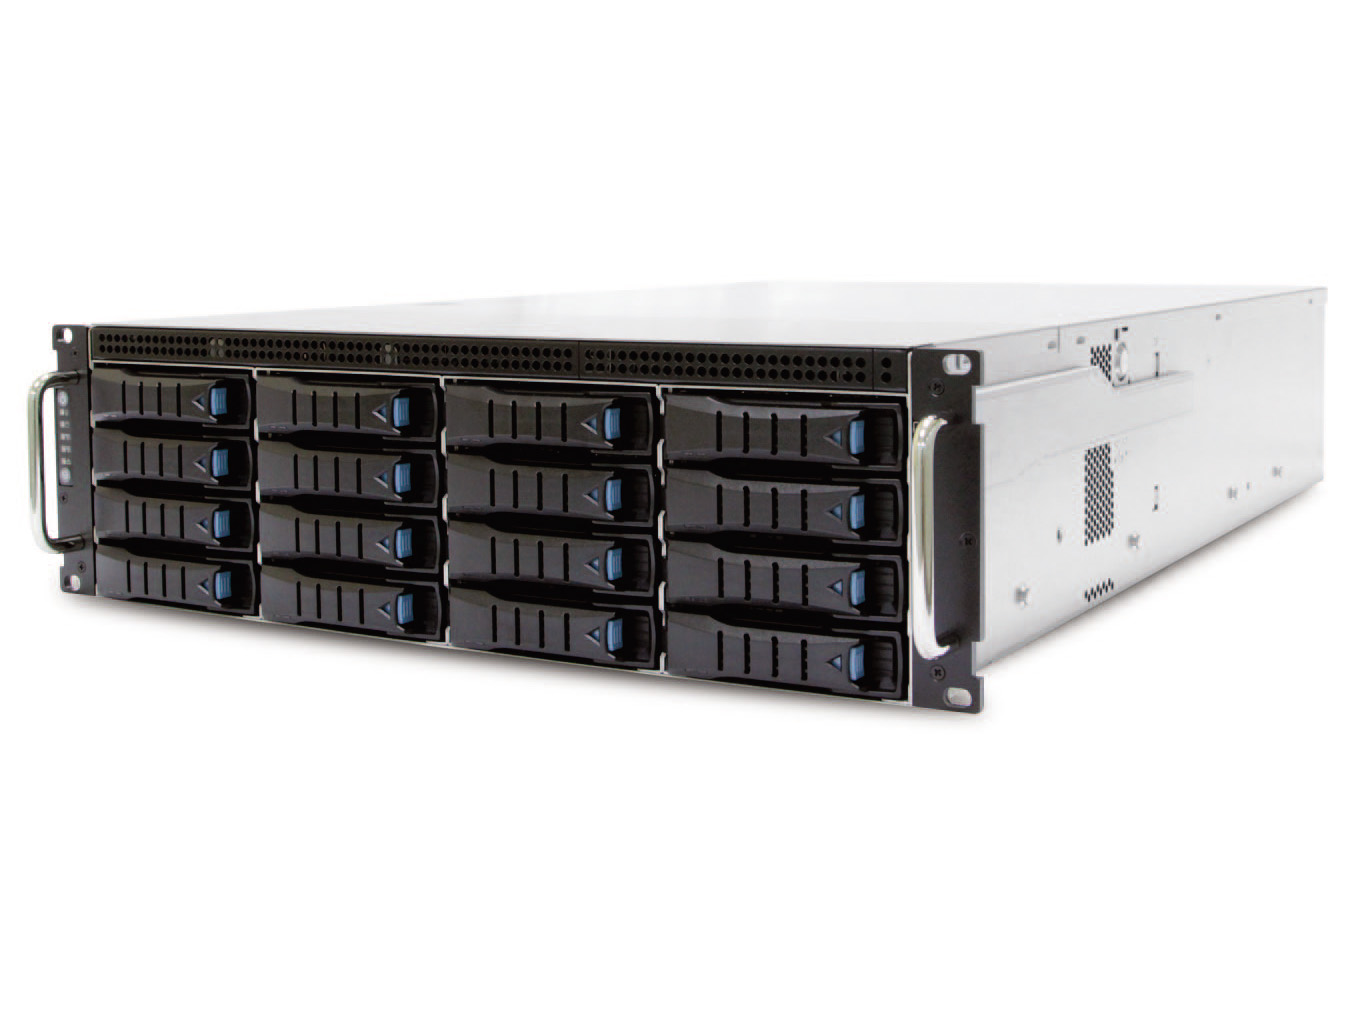 AIC RSC-3ET XE1-3ET00-01 3U 16-bay Storage Server Chassis